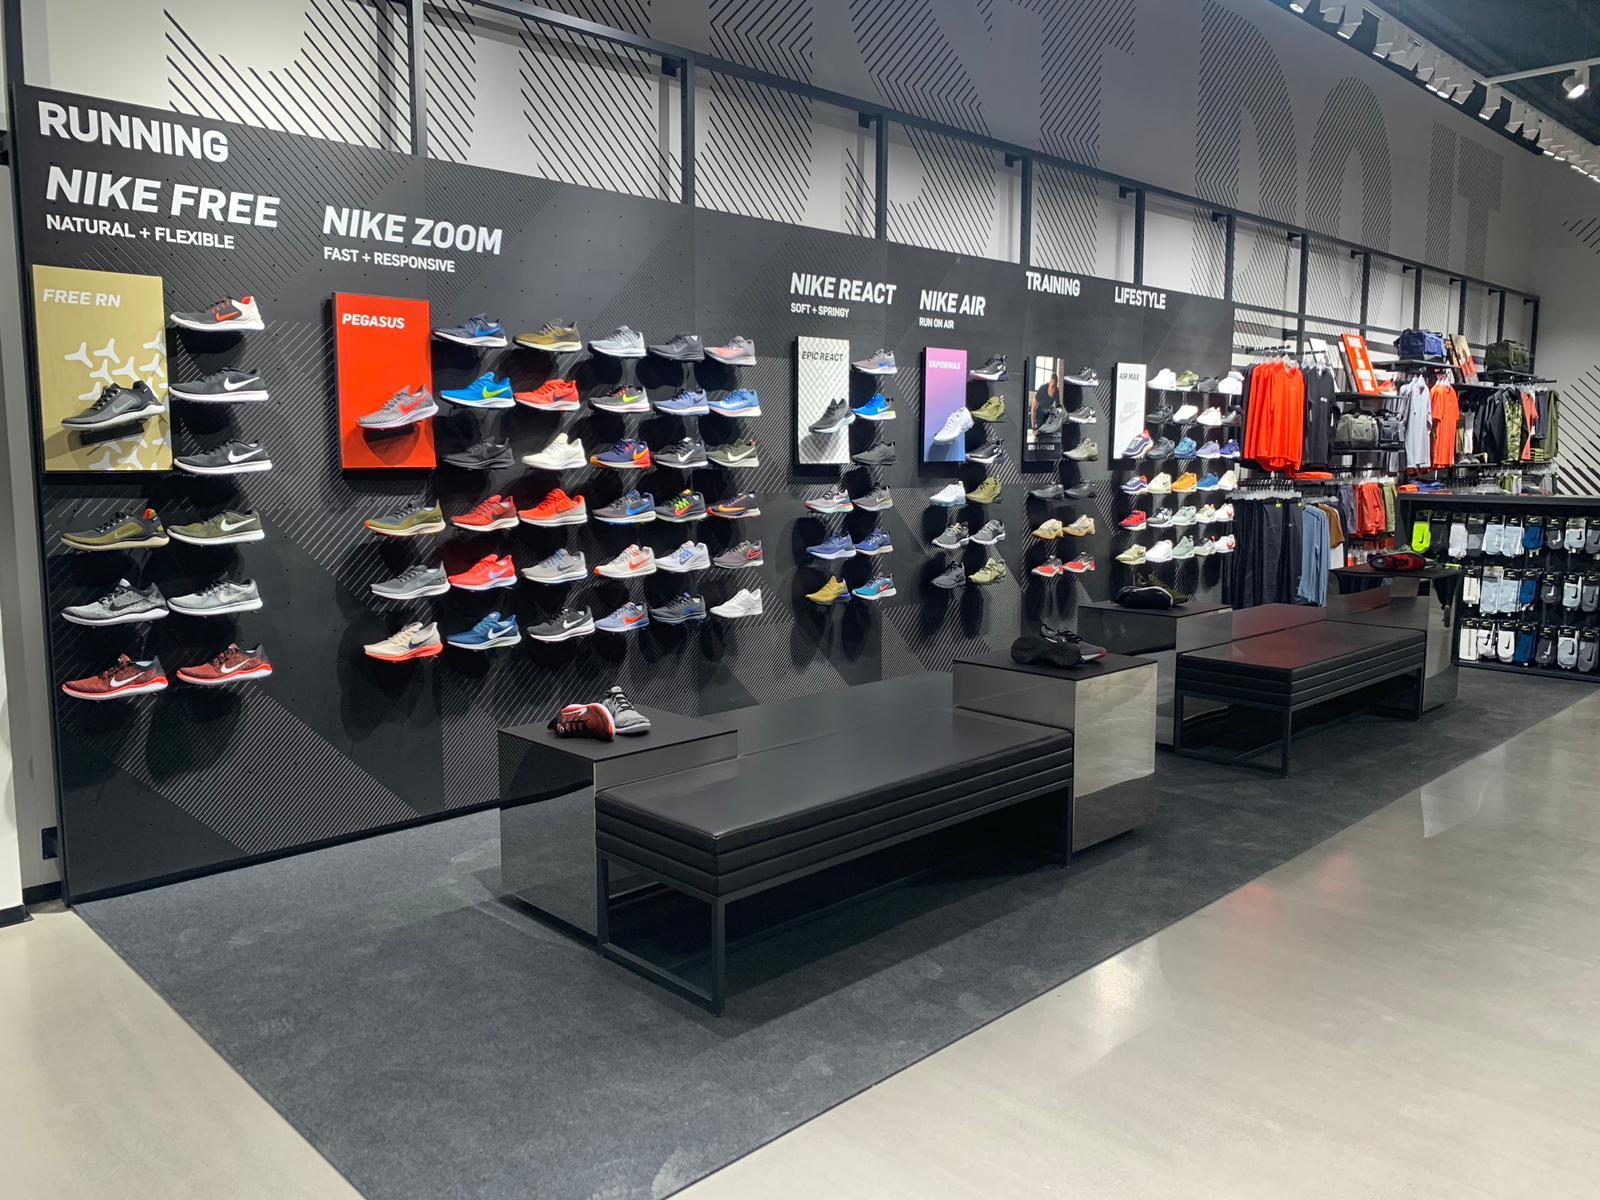 As novas sapatilhas da Nike são insólitas: têm água benta e